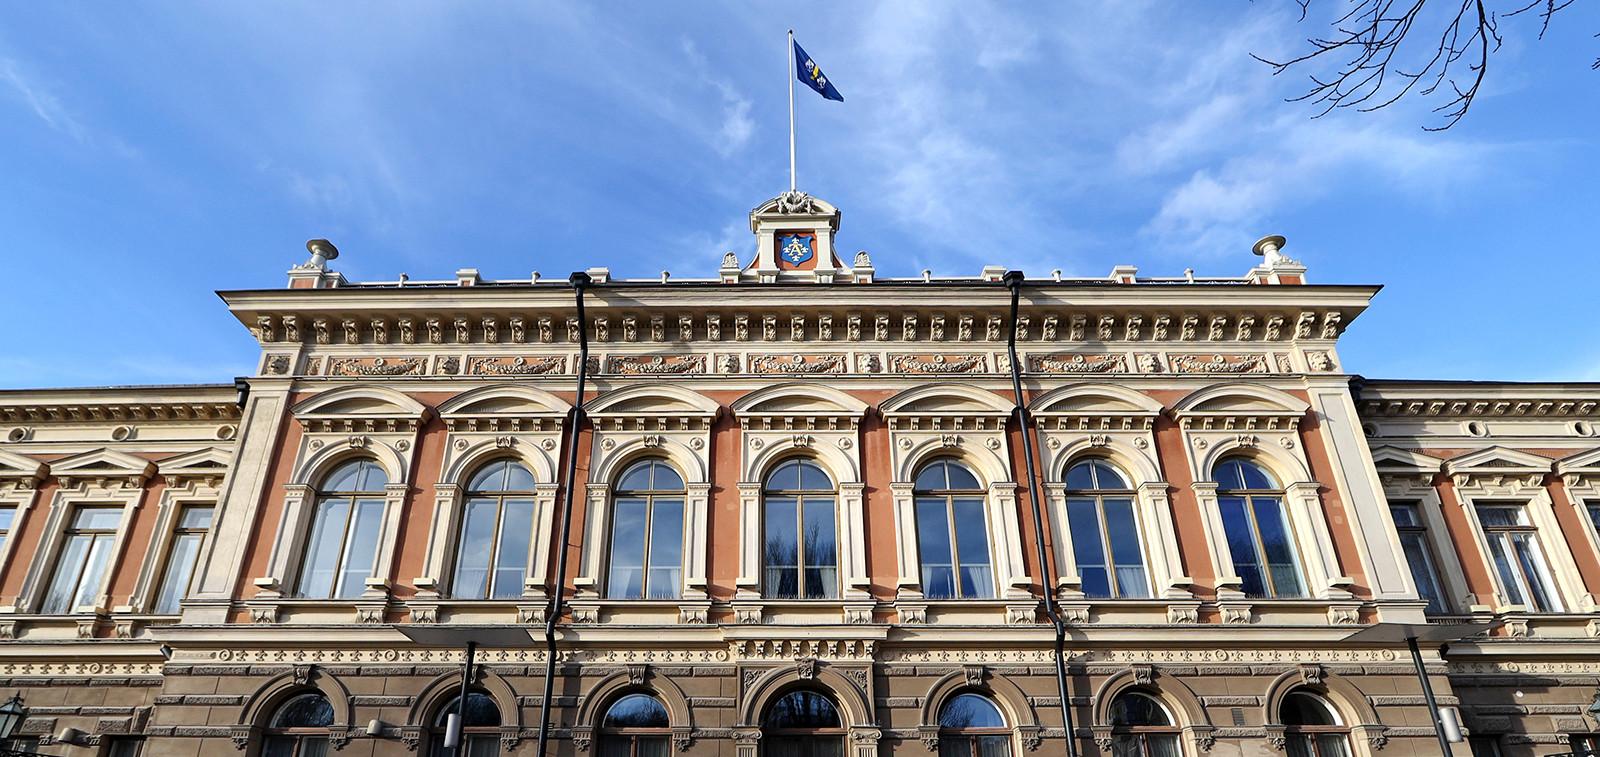 Turun kaupungintalon julkisivu